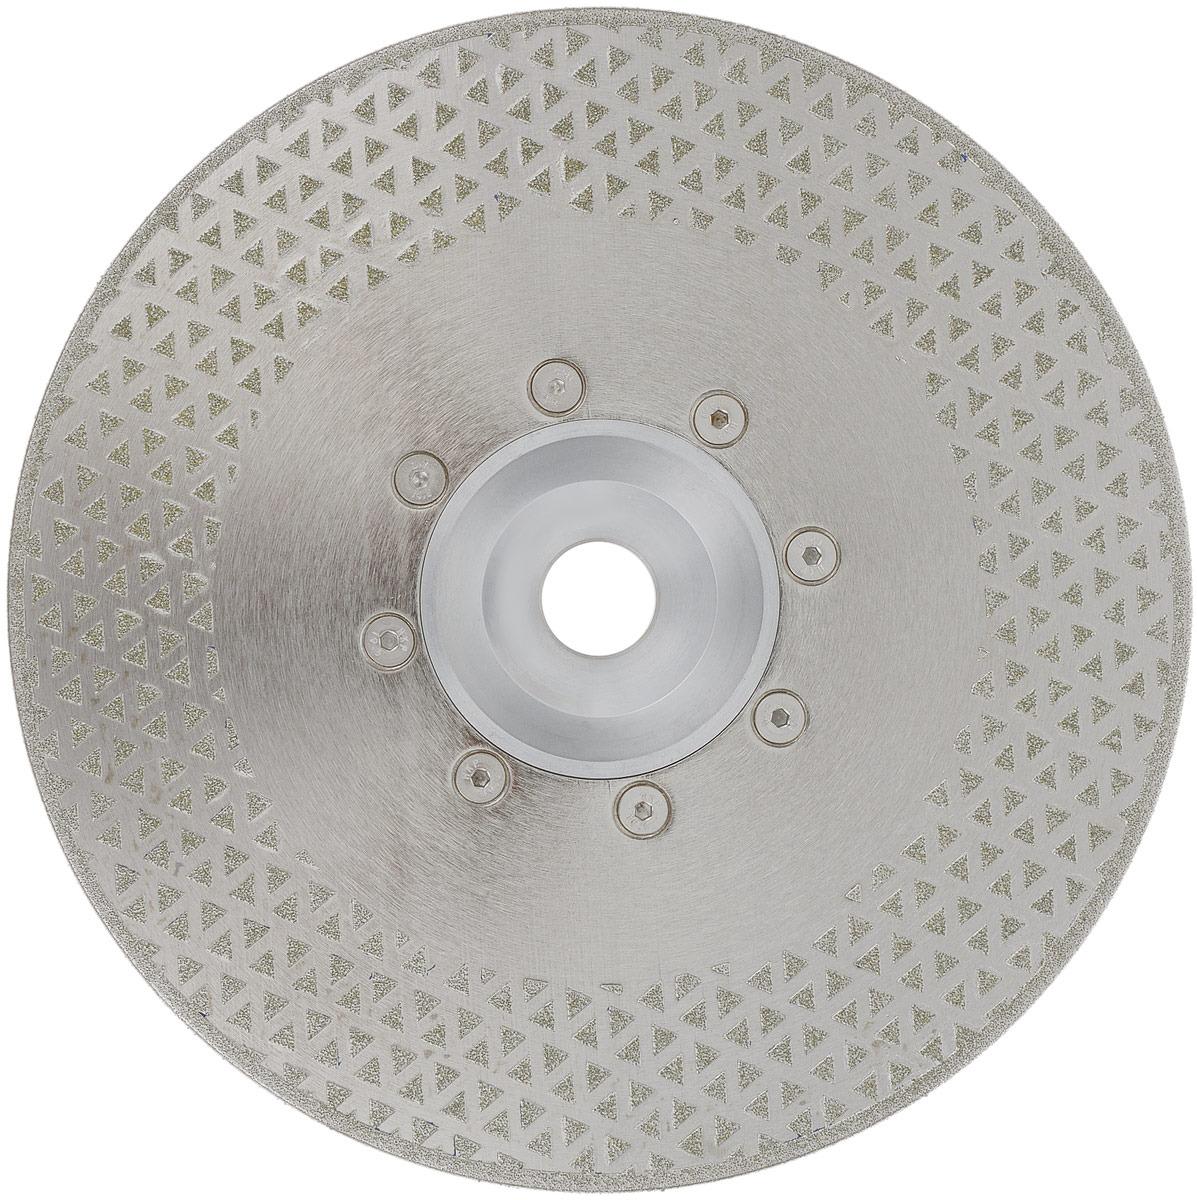 Круг шлифовальный Messer, для резки и шлифовки мрамора, 01-44-230, 230 х 3,8 мм цена